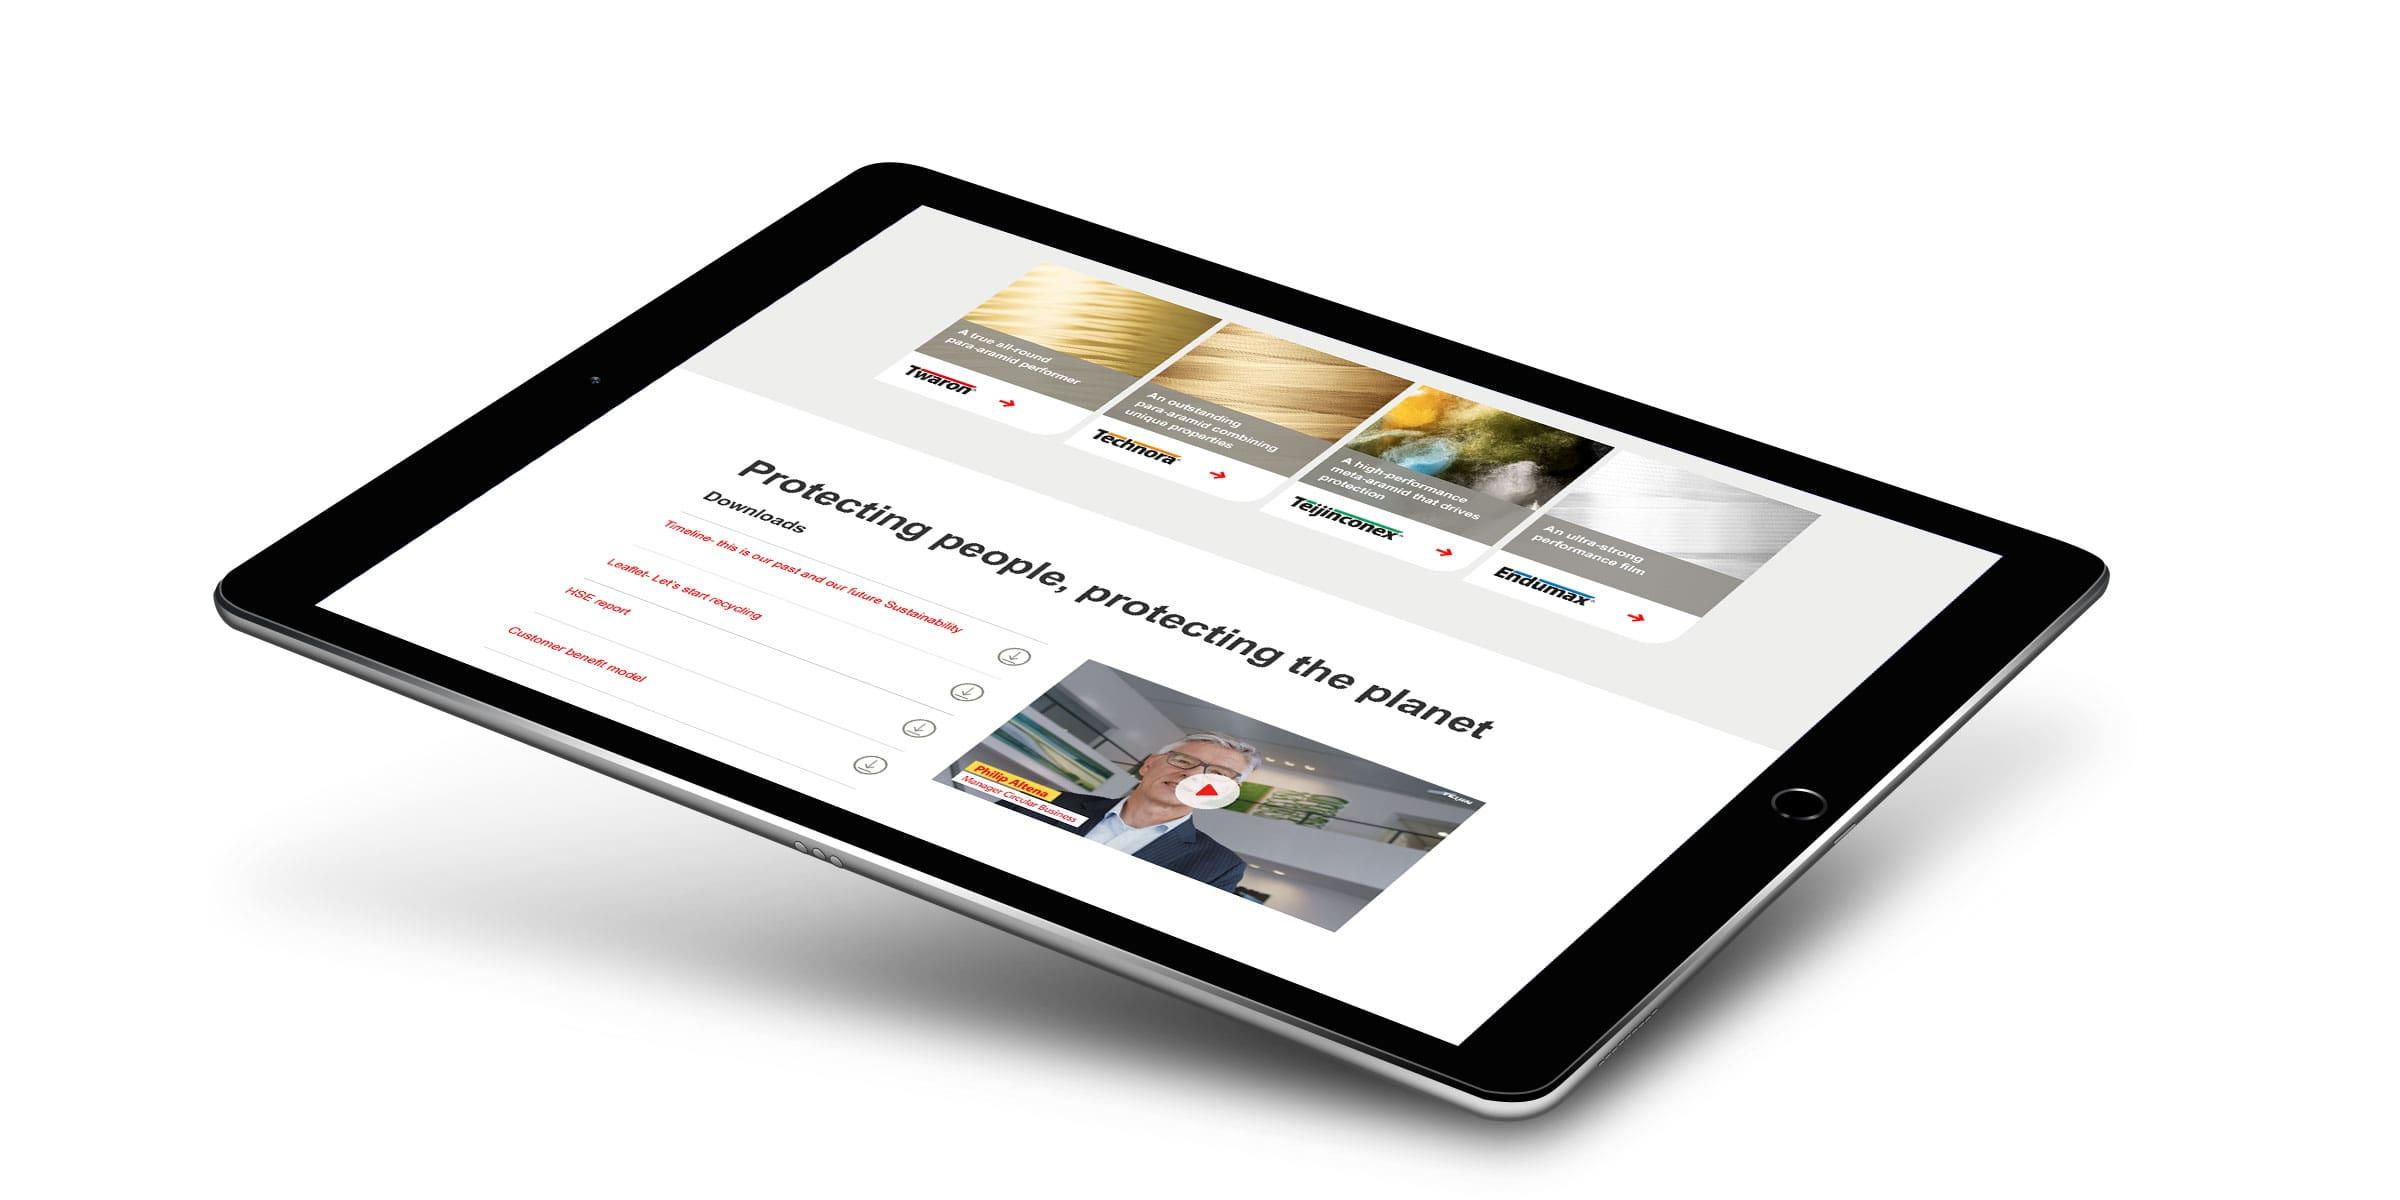 Landingspagina van de campagne Safety & Life protection van Teijin Aramid op tablet met downloads en een video